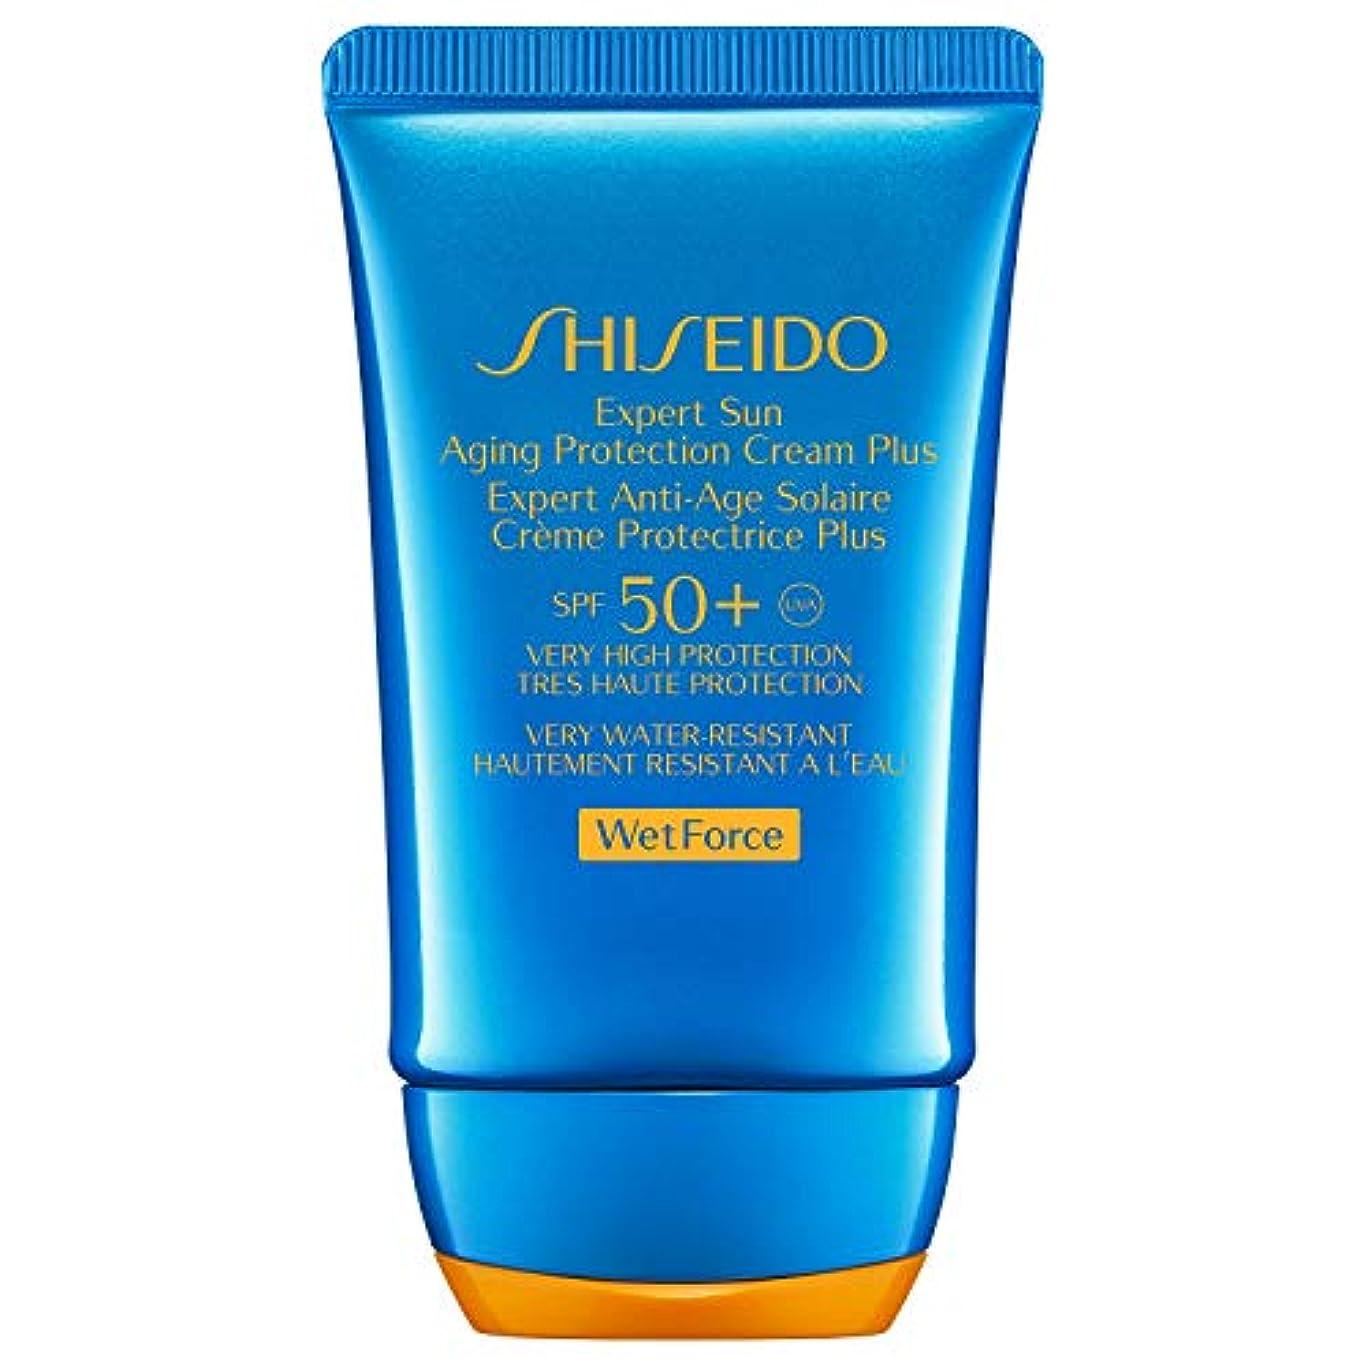 多くの危険がある状況ブラウザ彼女[Shiseido] 保護ローションSpf 50 + 50ミリリットルを老化専門日Wetforce資生堂 - Shiseido Wetforce Expert Sun Aging Protection Lotion Spf...